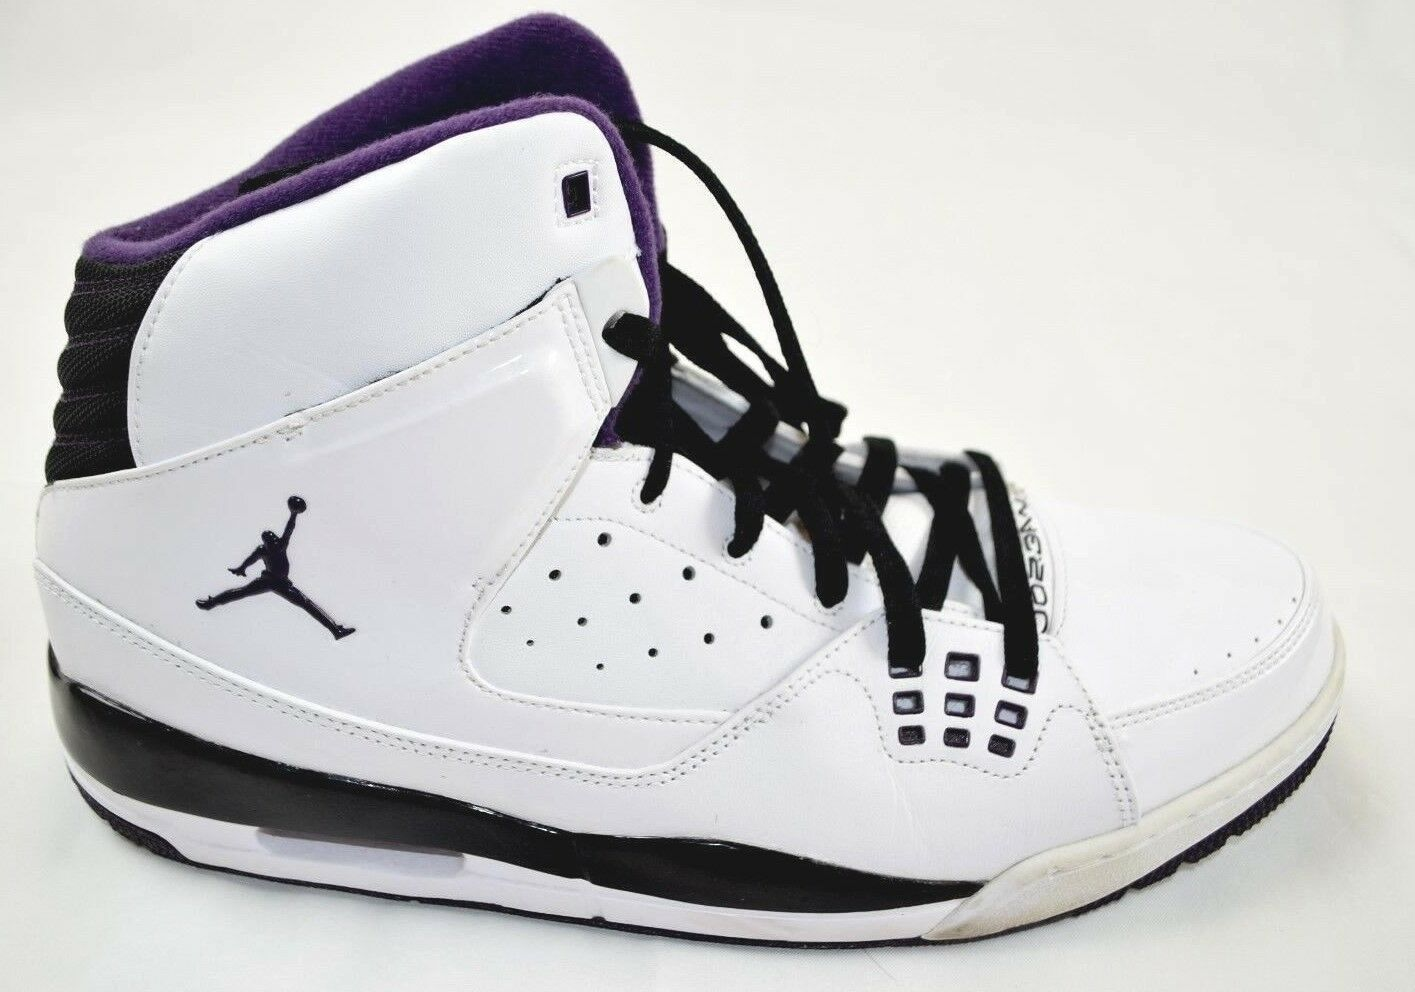 new product de486 4c47a Nike Air Jordan SC-1 Mens Basketball Shoes 538698-108 538698-108 538698-108  White US size 14 excellent a88c44